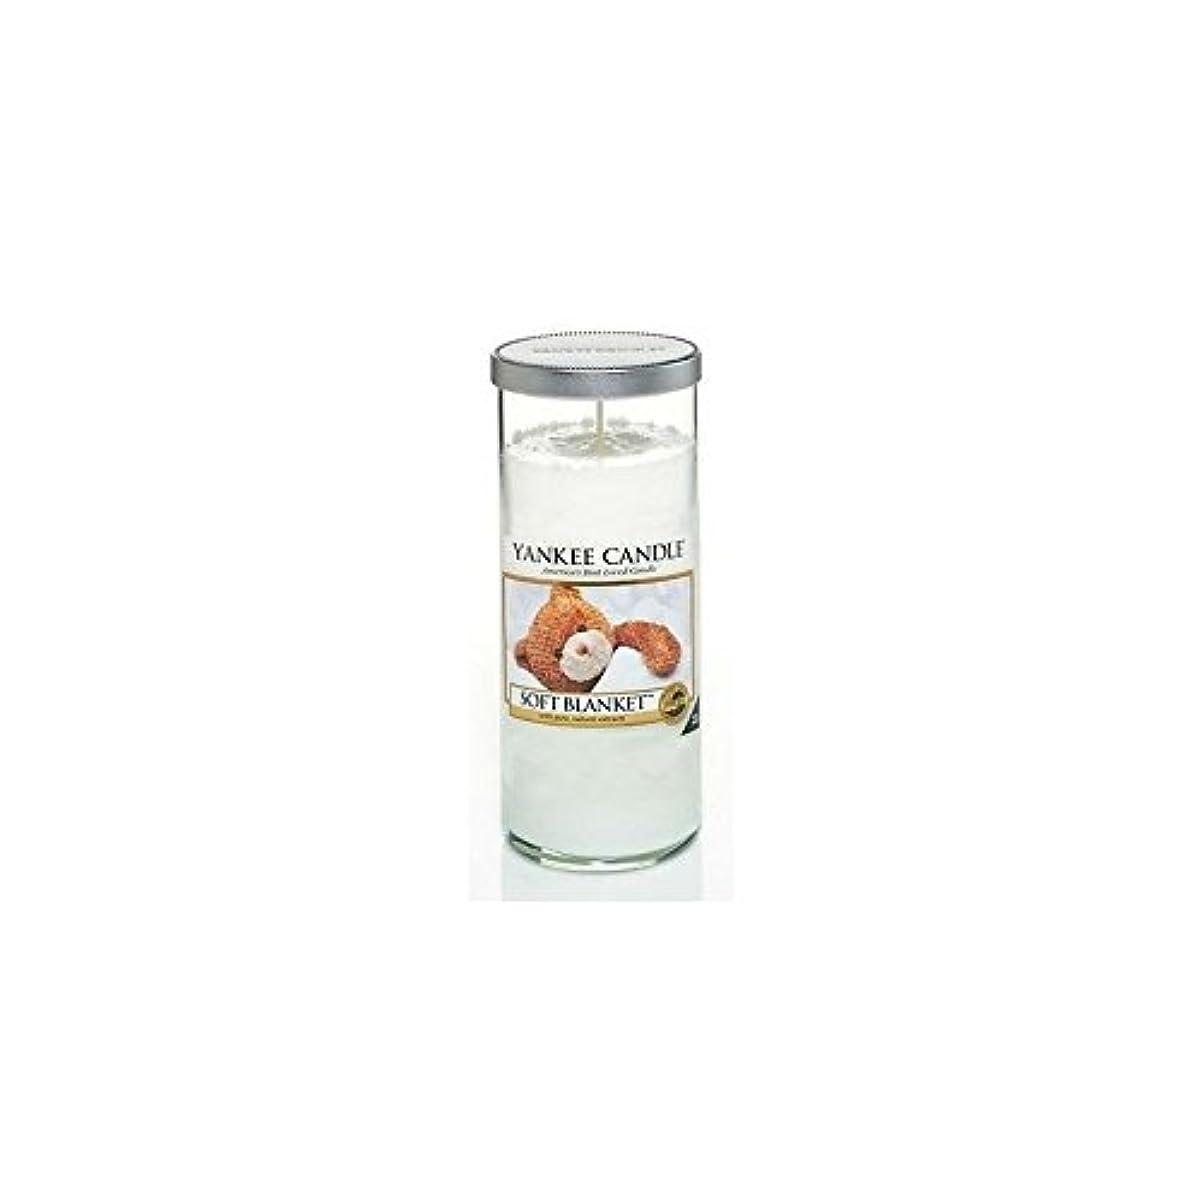 一般的に言えばサーキットに行く転倒Yankee Candles Large Pillar Candle - Soft Blanket (Pack of 6) - ヤンキーキャンドル大きな柱キャンドル - ソフト毛布 (x6) [並行輸入品]